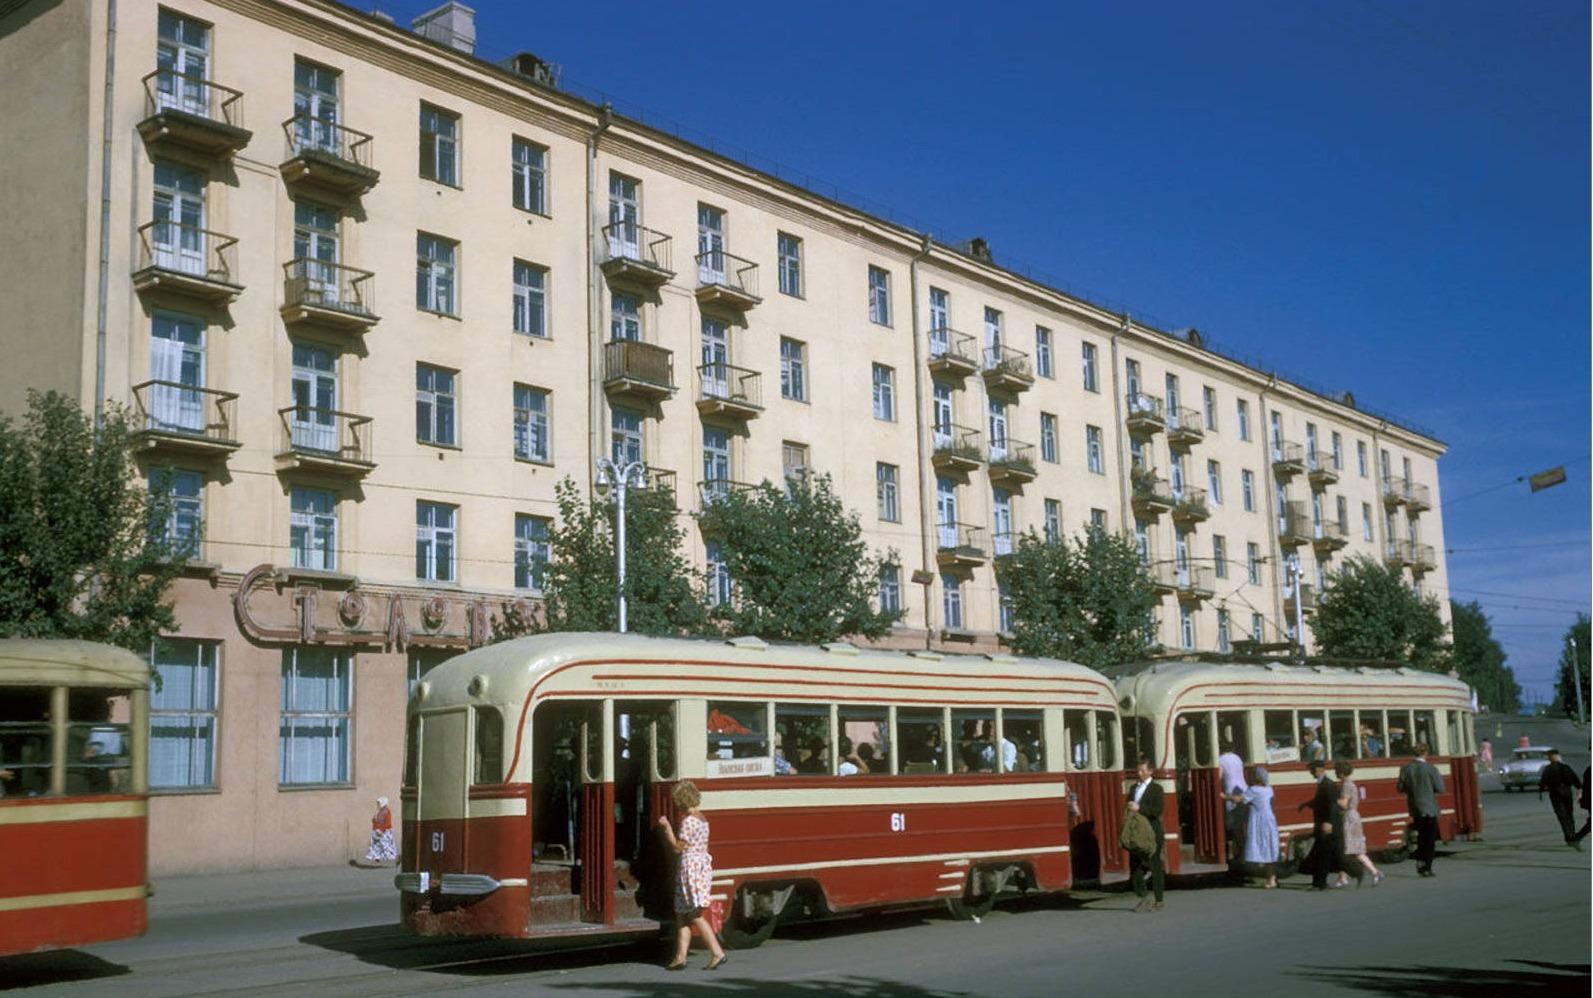 Улица Ленина, 25. Трамвайная остановка